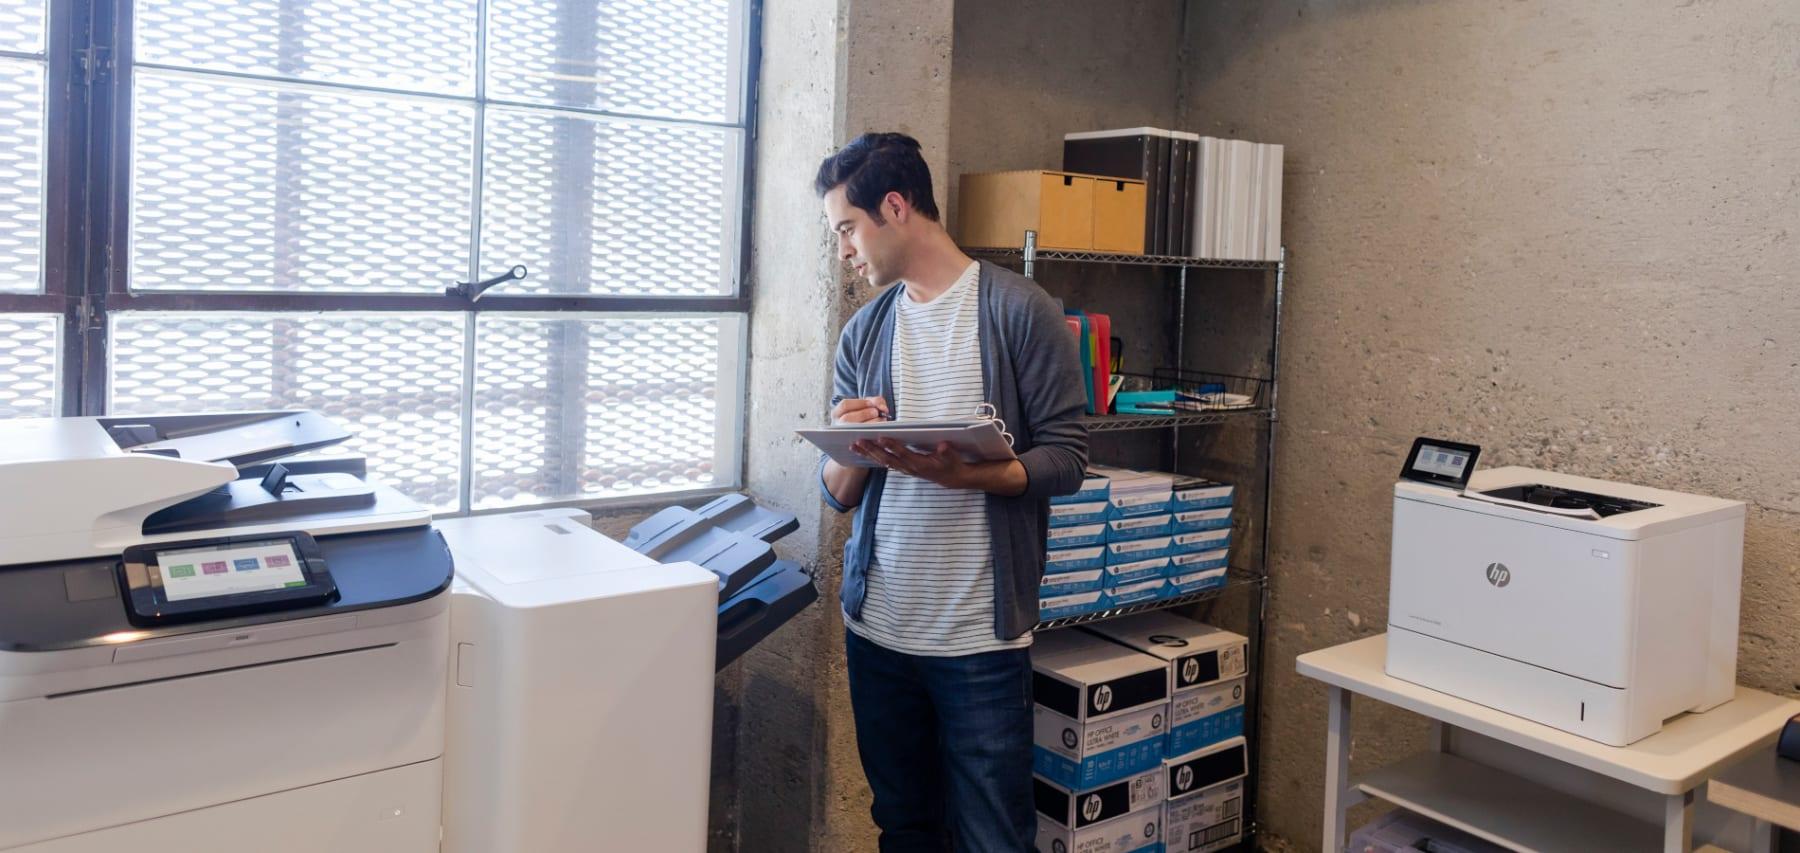 Kopierer und Multifunktionsdrucker mieten oder leasen - mehr als eine Alternative